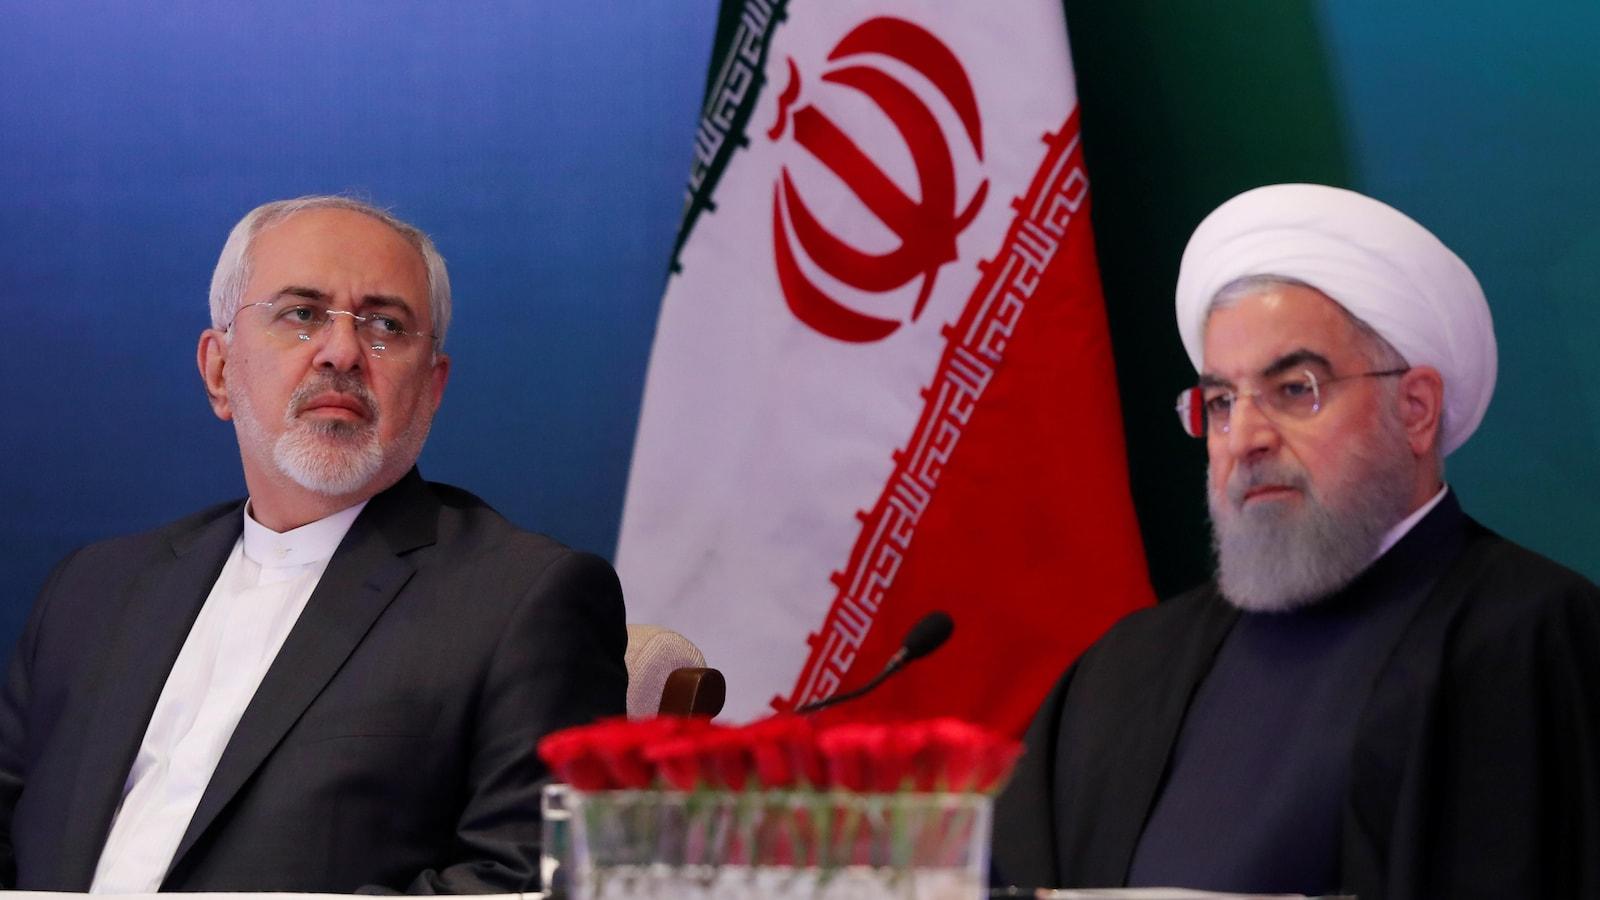 Le ministre iranien des Affaires étrangères et le président de l'Iran lors d'une rencontre.